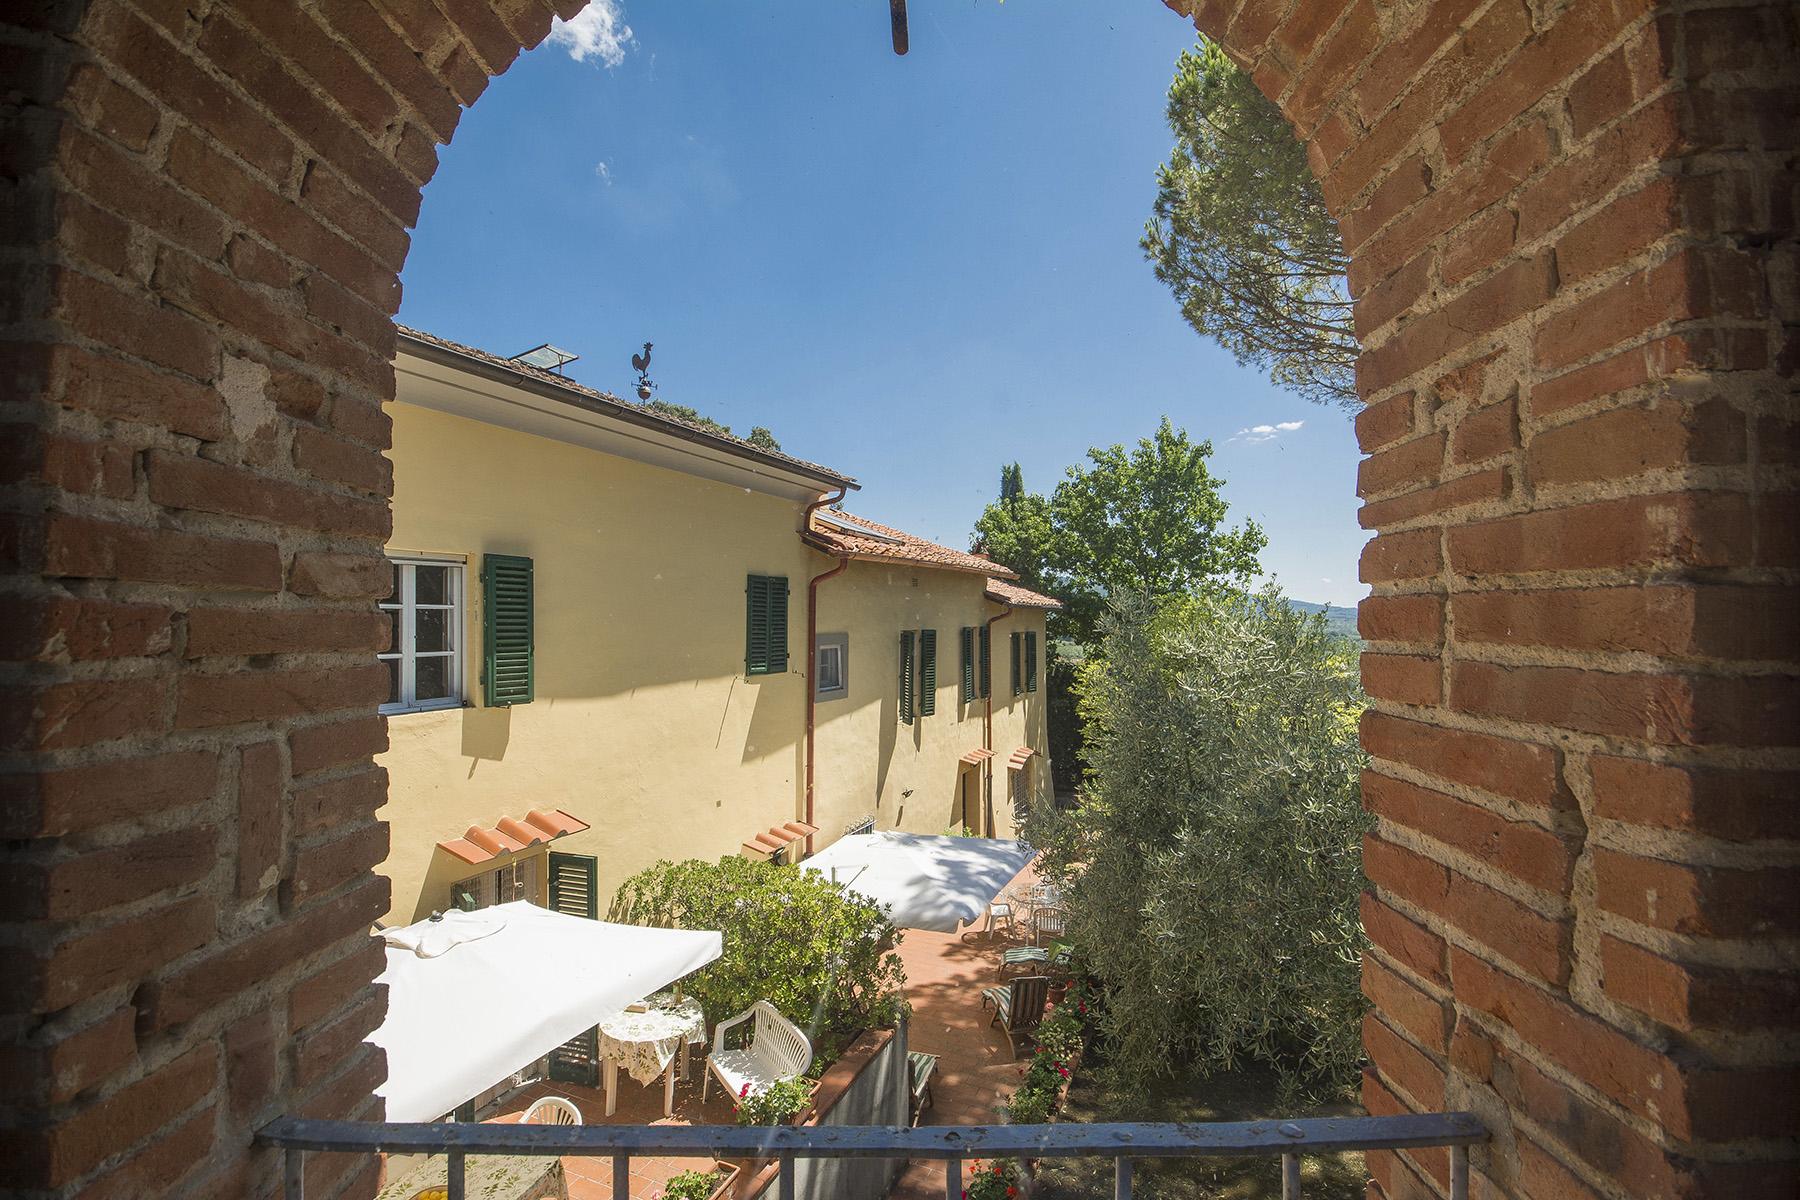 Rustico in Vendita a Monsummano Terme: 5 locali, 570 mq - Foto 6